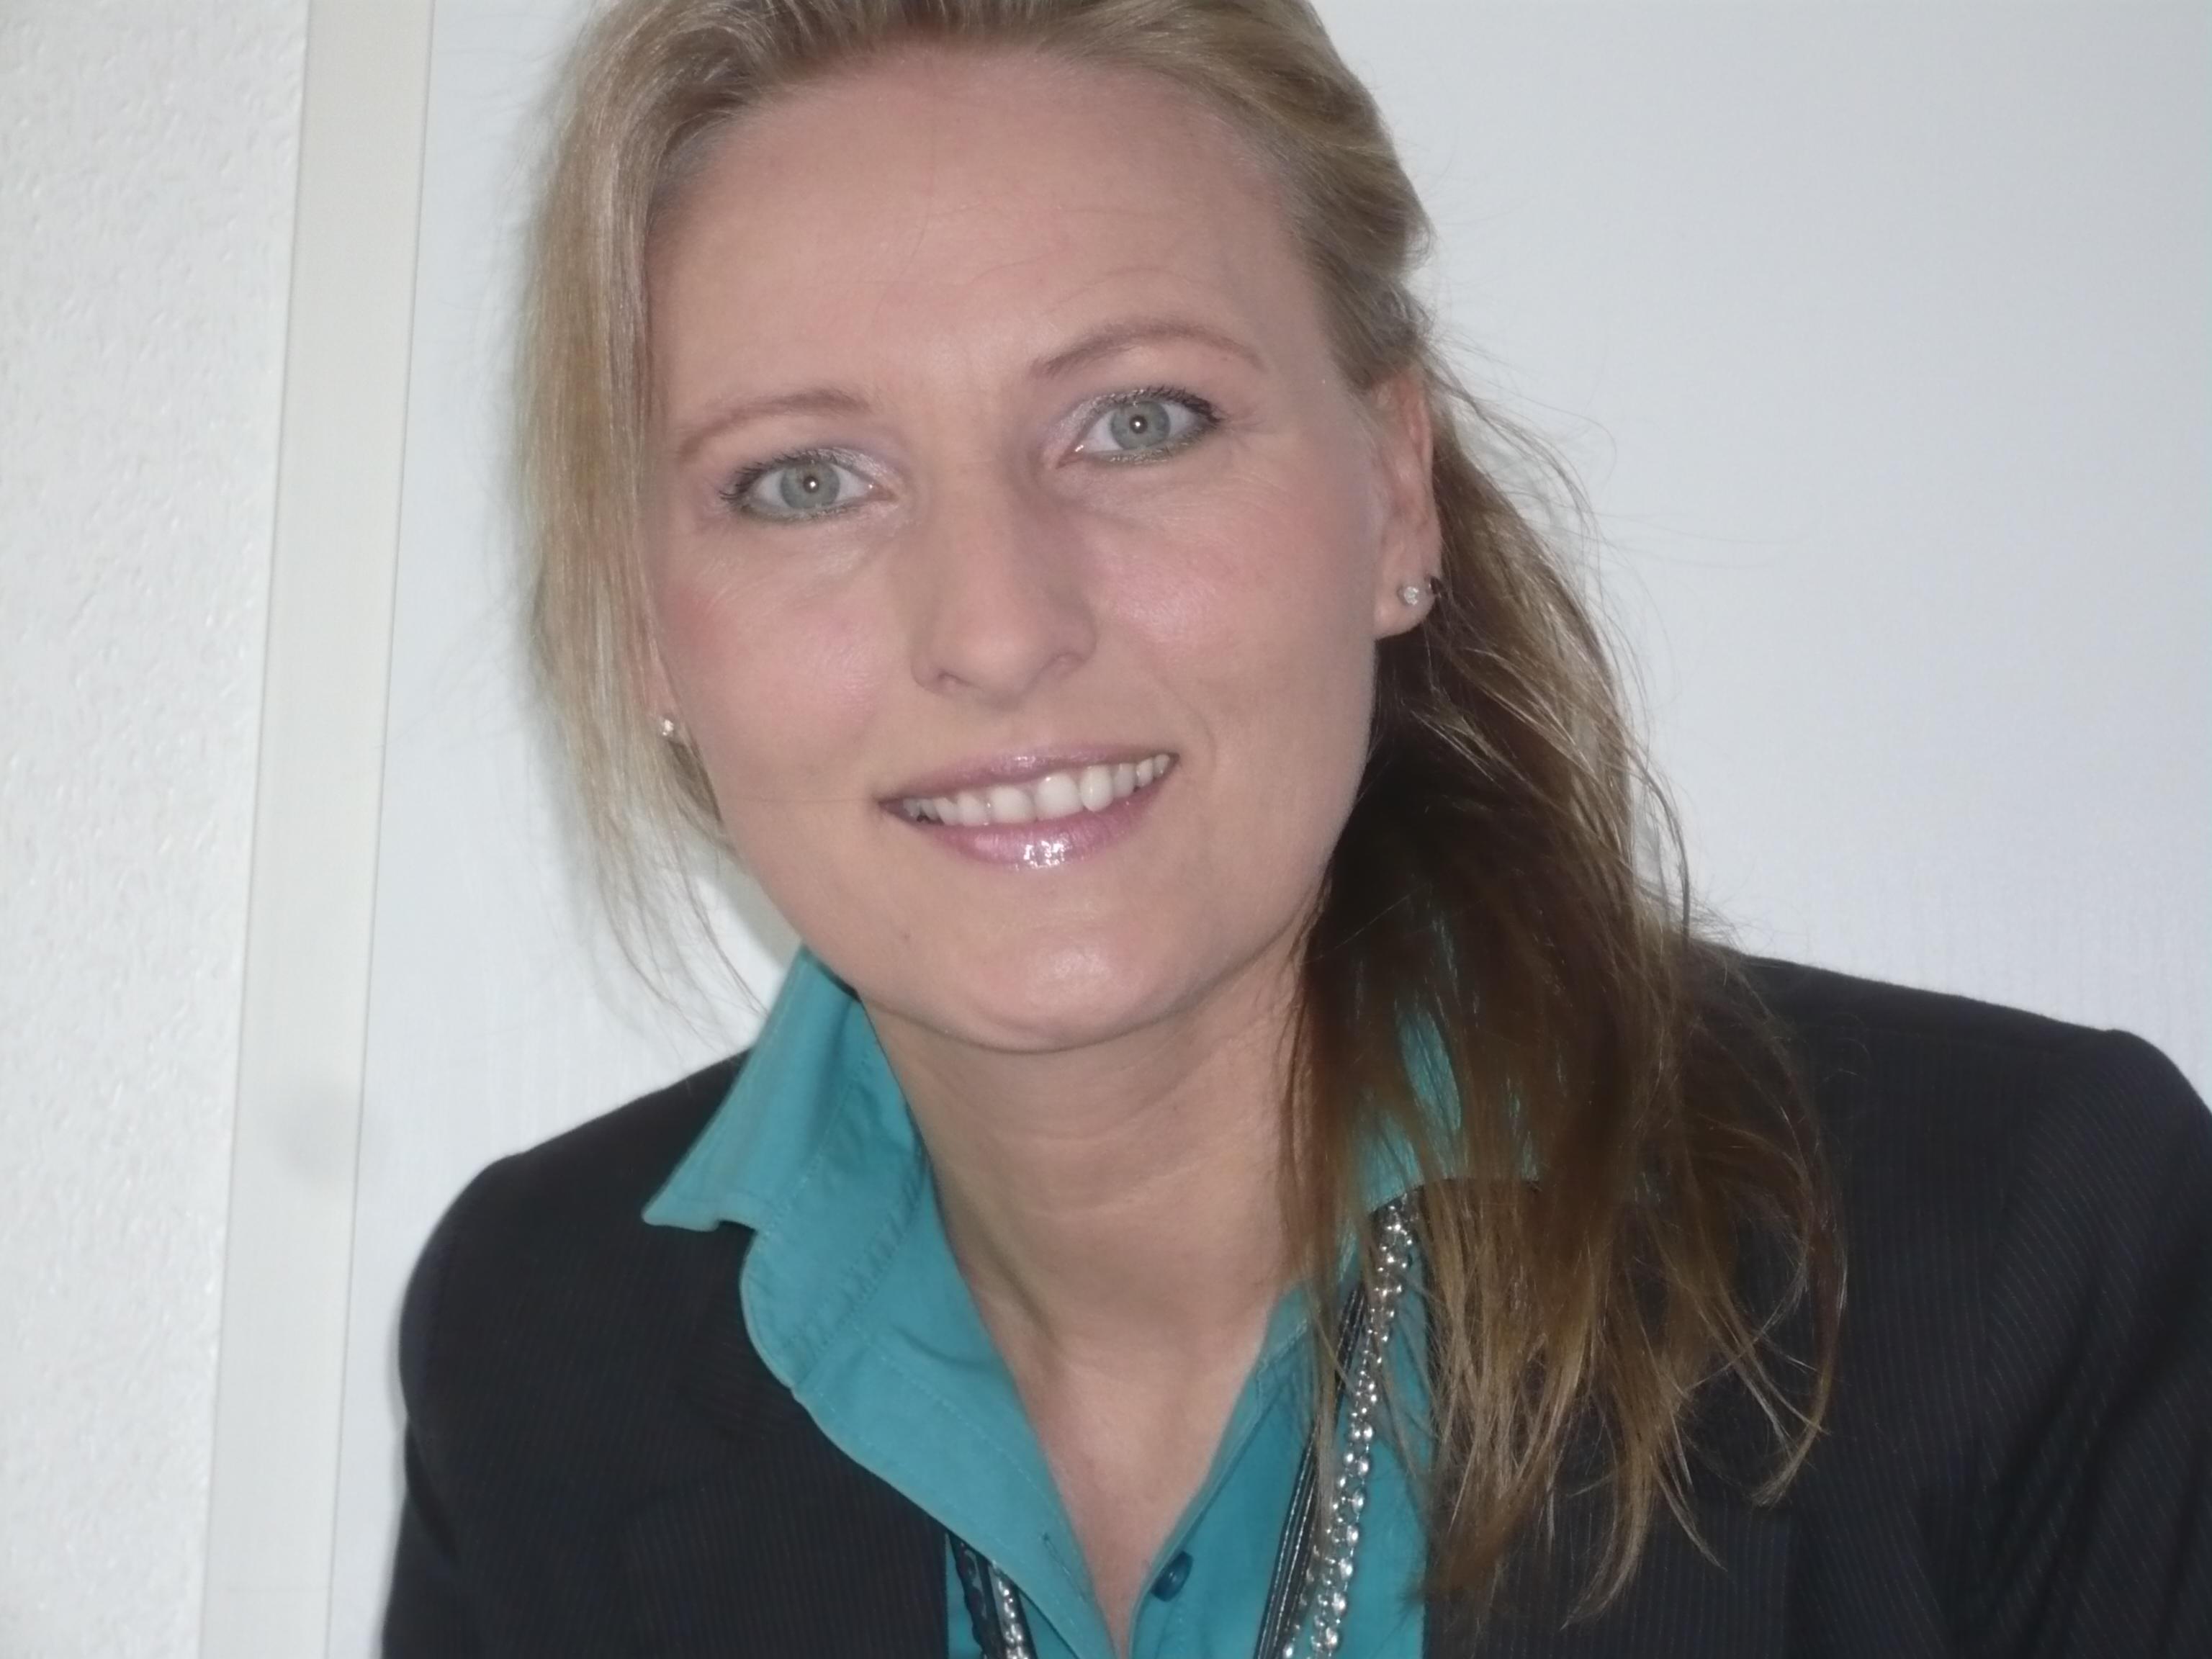 Kerstin.Winterboer